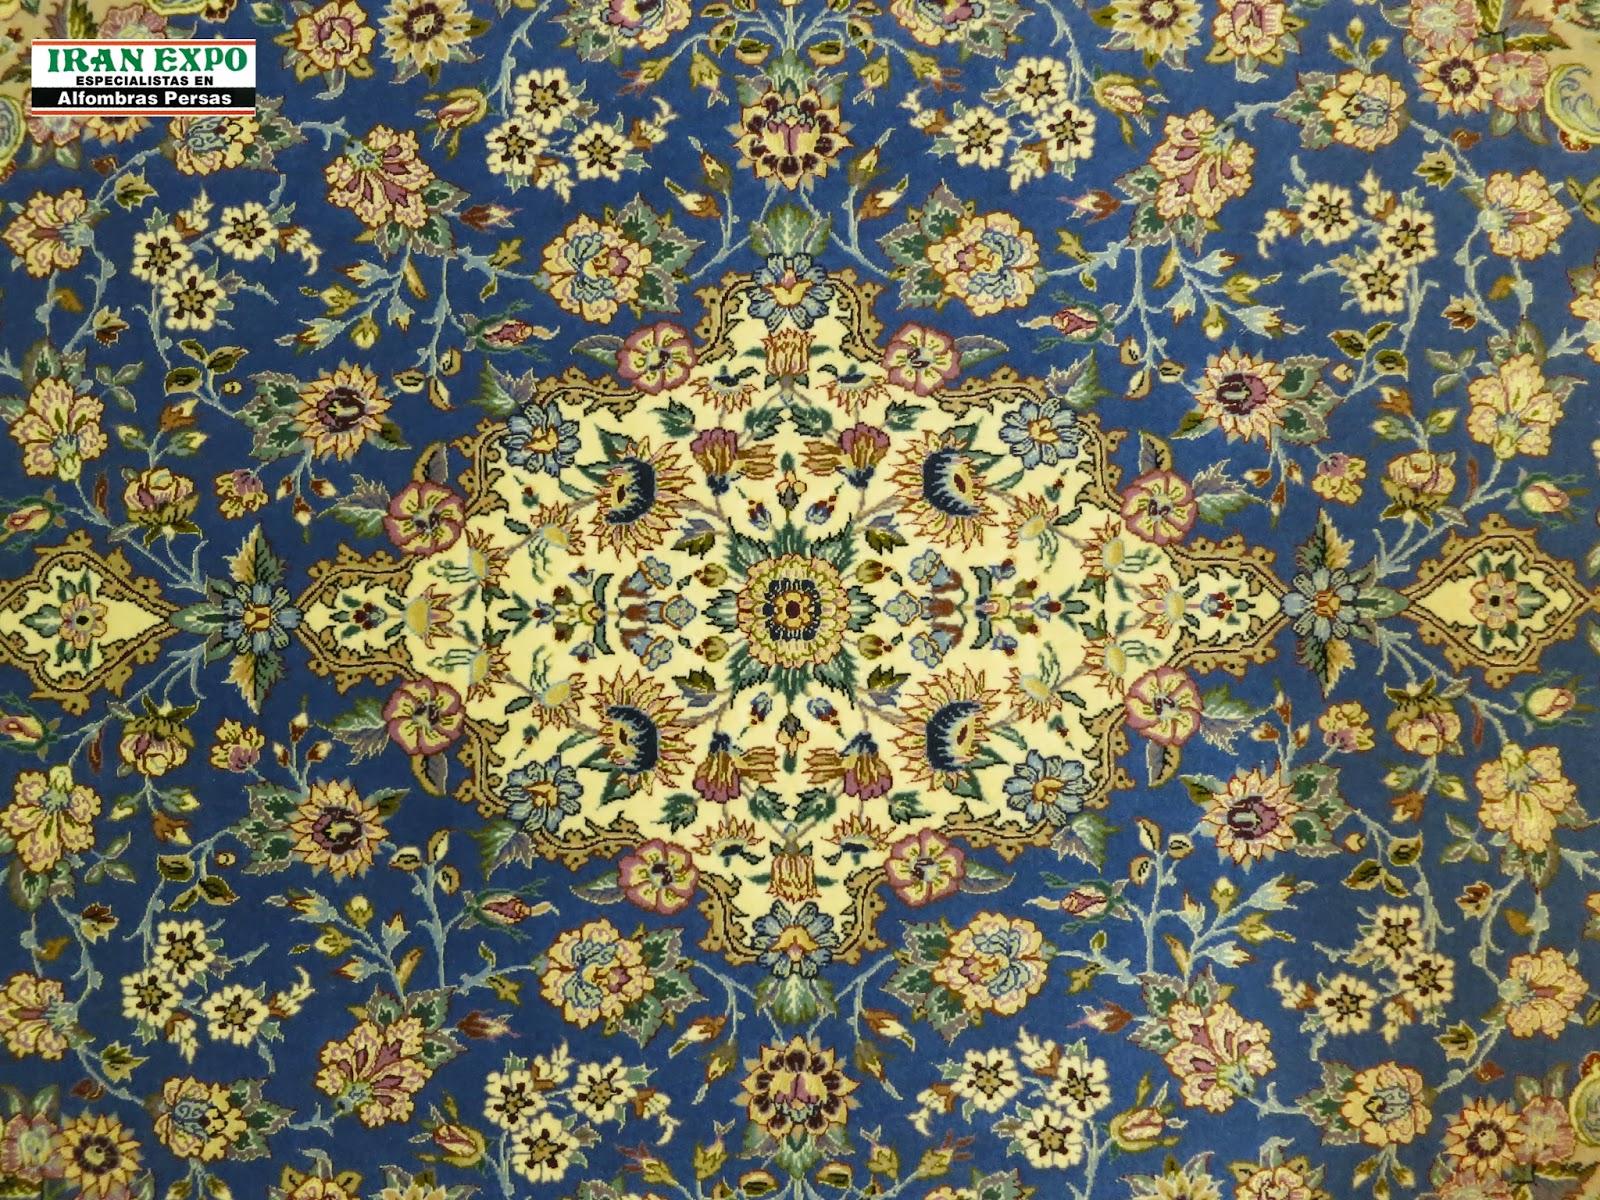 Alfombras persas precios for Alfombras persas historia